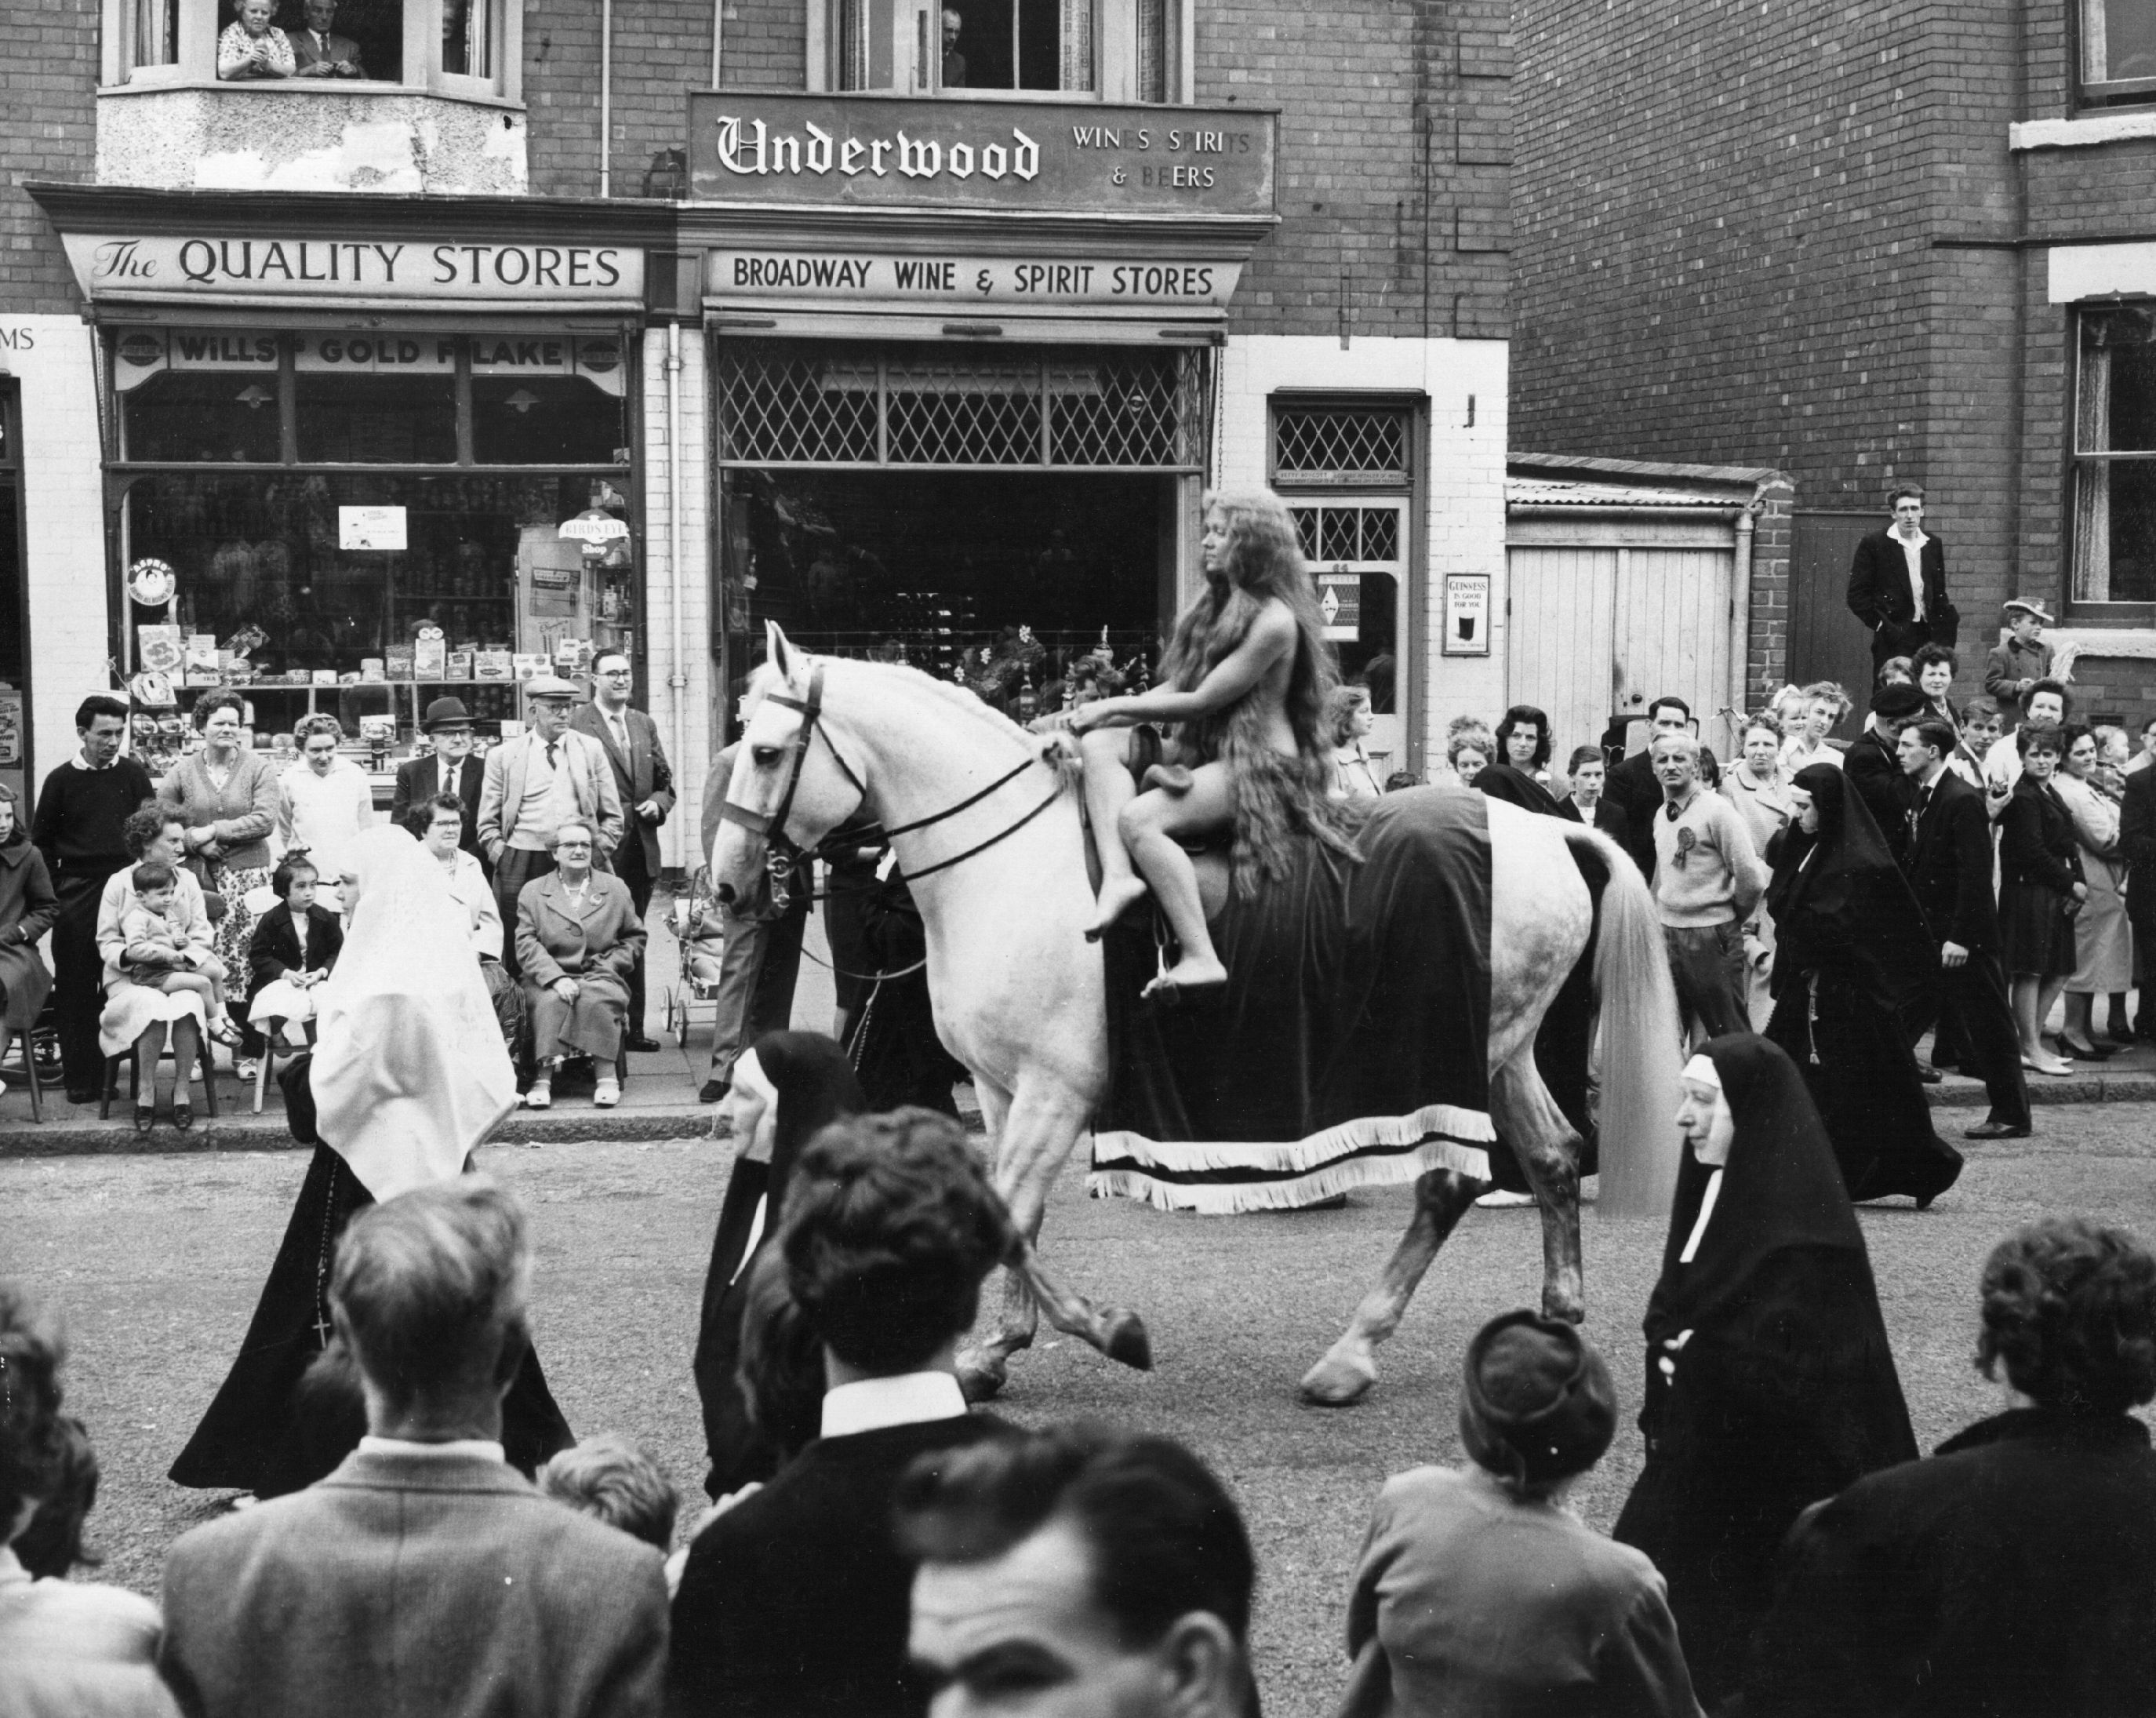 Lady Godiva ruhátlan lovaglásának újrajátszása egy 1962-es coventry-i utcai karneválon (fotó: John Franks/Keystone/Getty Images)